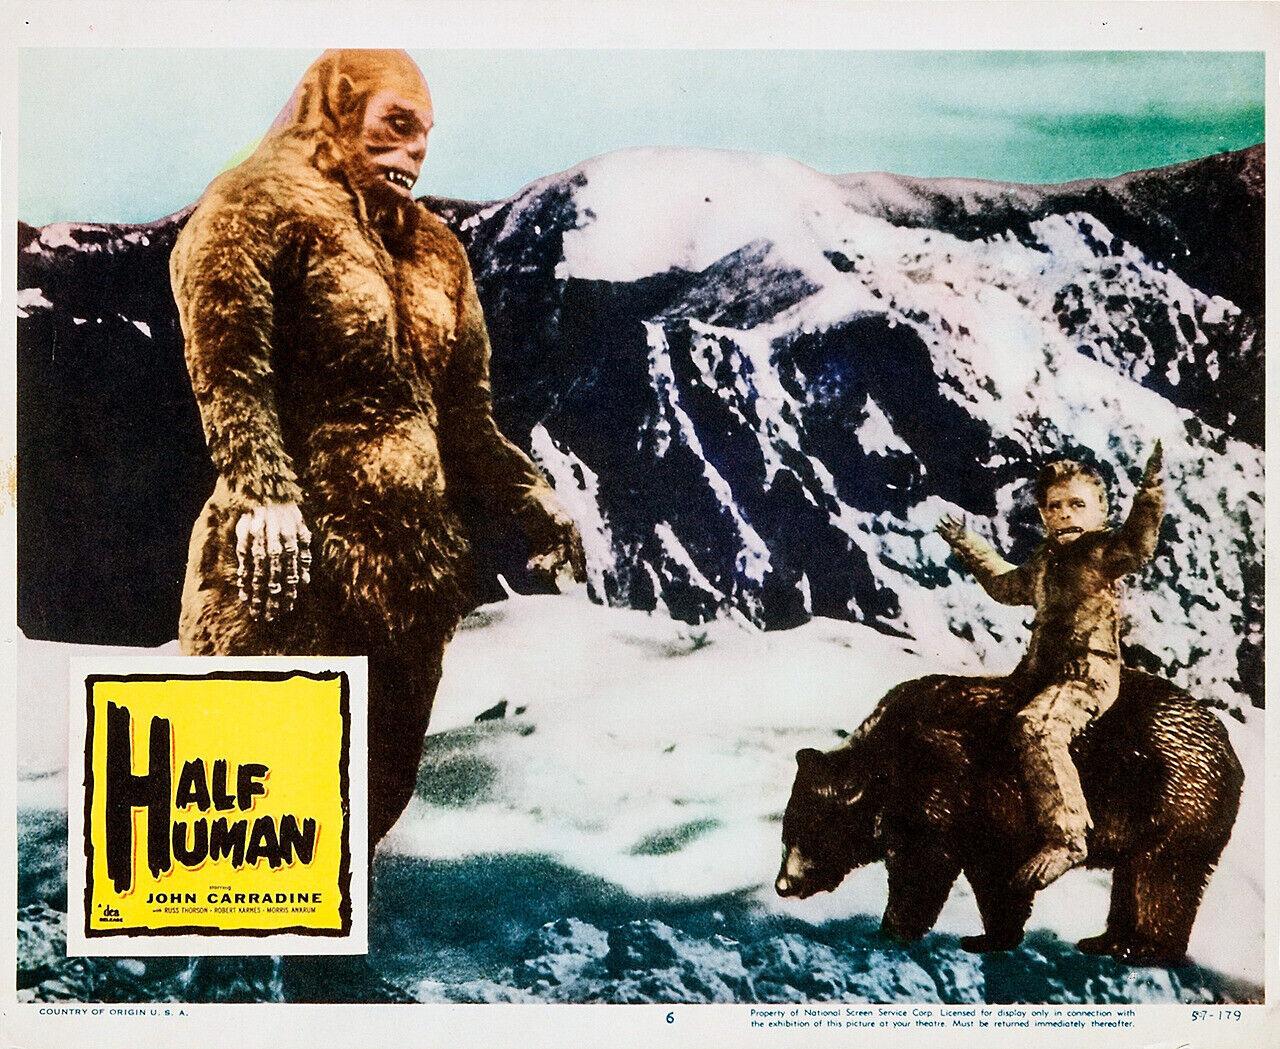 HALF-HUMAN DVD-R STARRING JOHN CARRADINE AMERICAN VERSION RARE MAKER OF GODZLLA  - $8.00